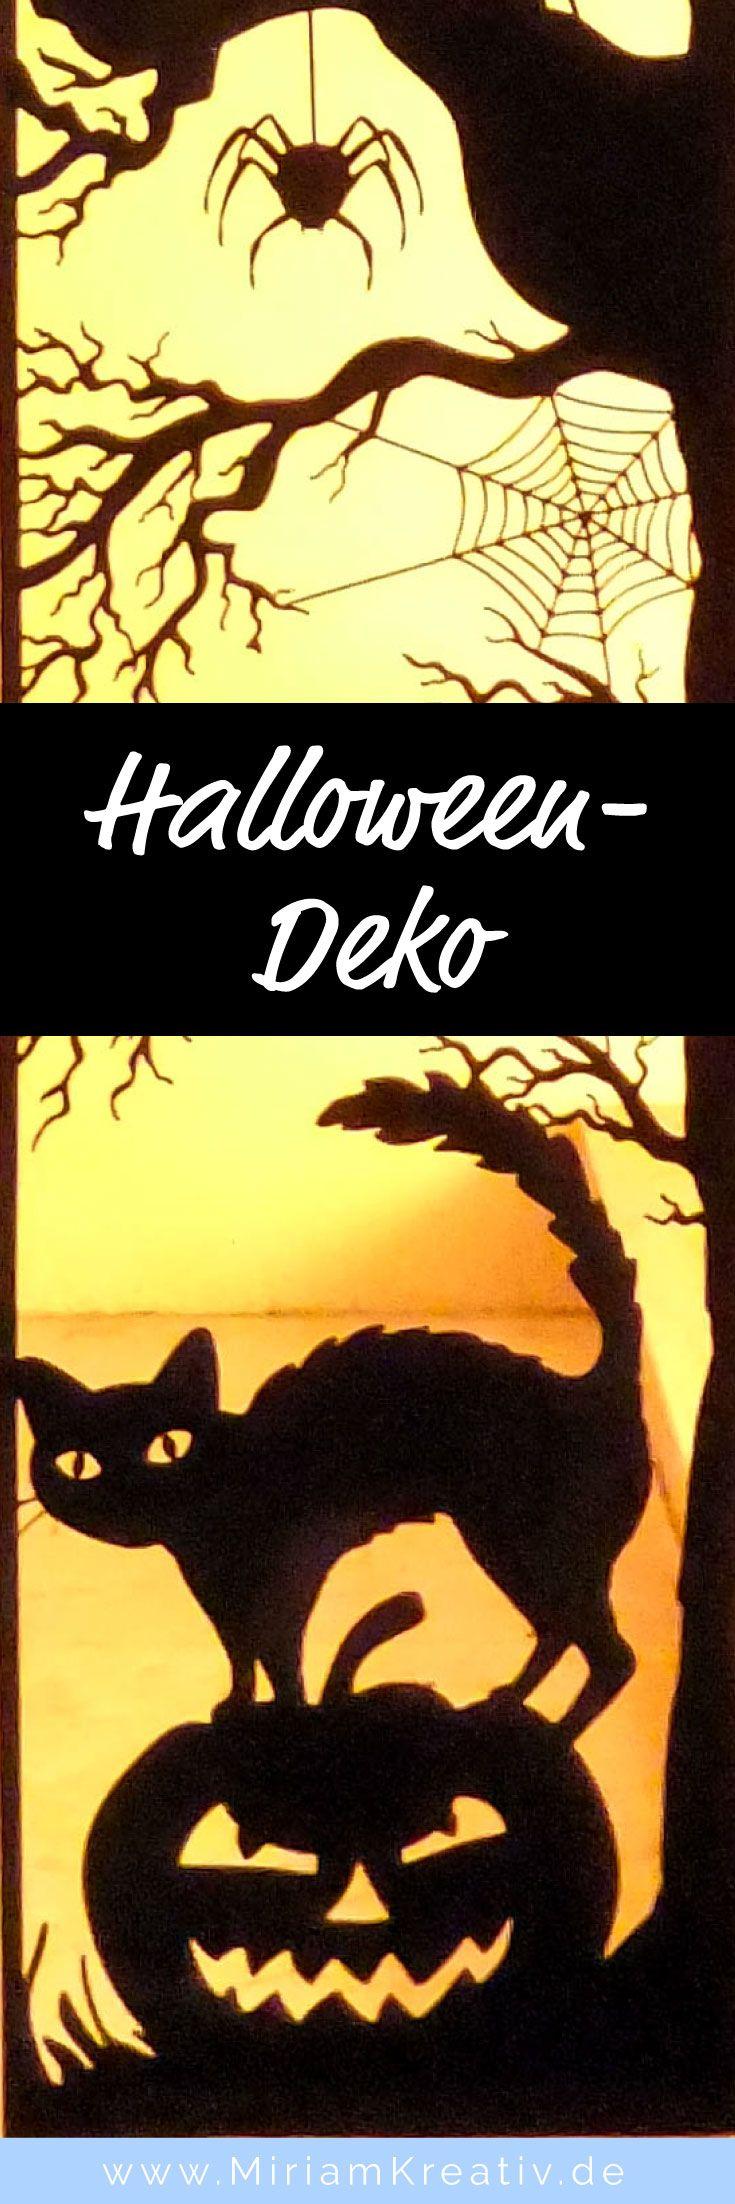 Bastele mit diesem Plotter-Freebie (kostenlose Plotterdatei im SVG-Format) und deinem Plotter diese riesengroße DIY Halloween-Deko  (hier ist nur ein Ausschnitt abgebildet)  mit einer Hexe, Fledermäusen, einer Spinne, Spinnenweben, einer Katze und einem g